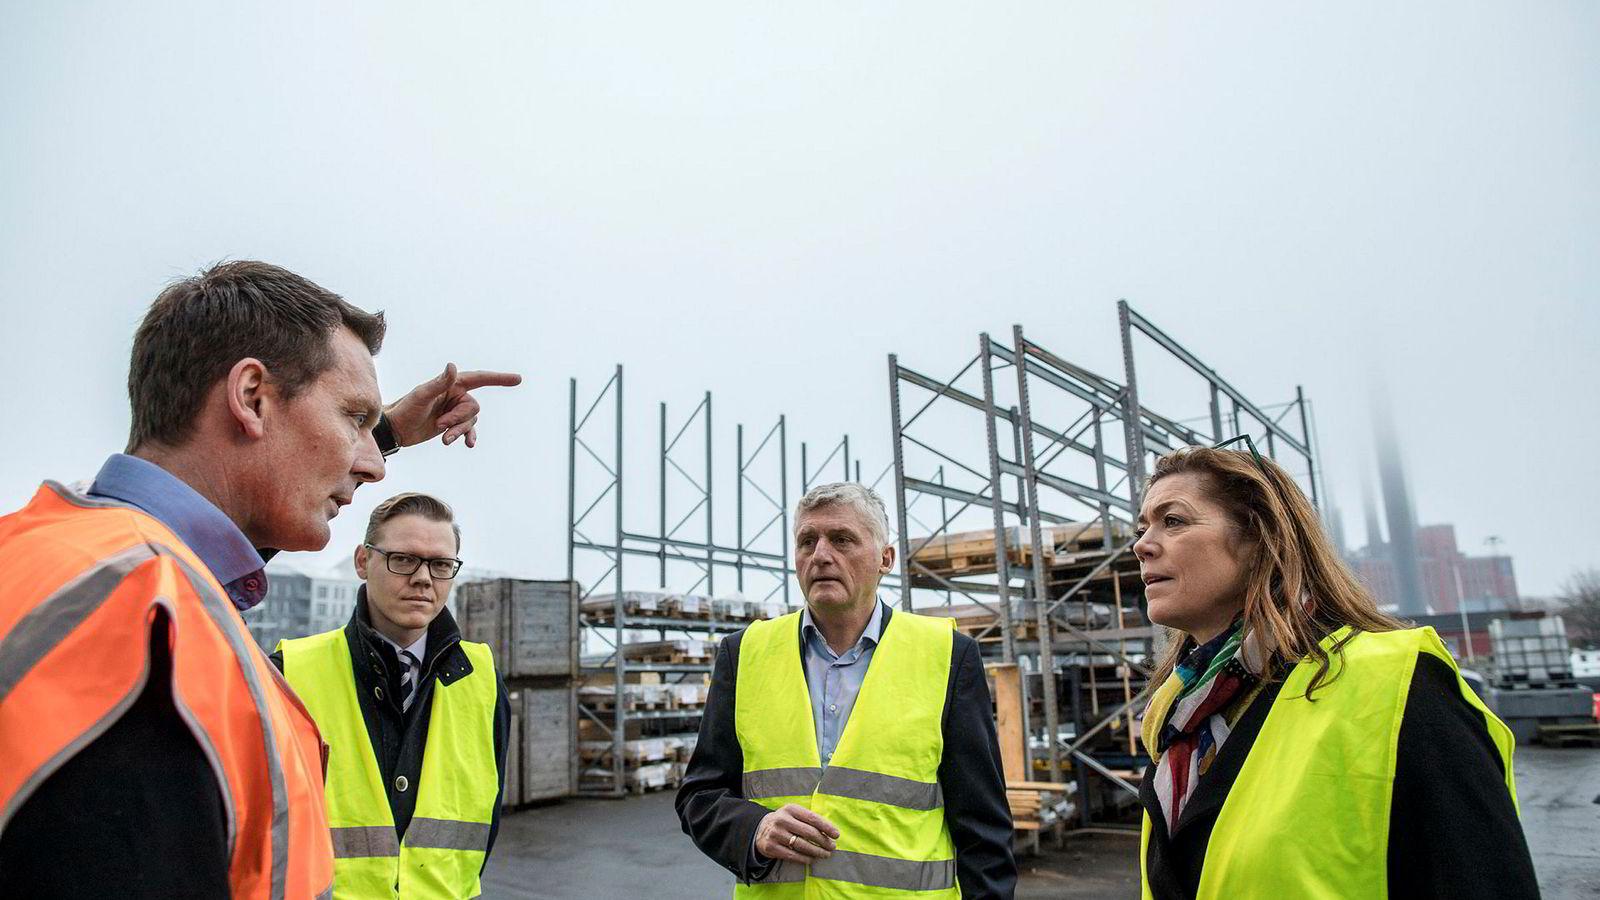 NHO-sjef Kristin Skogen Lund mener Norge har mye å lære av danskene, som ble hardt rammet av finanskrisen. Hos bedriften Man Diesel og Turbo i København vises hun rundt av produksjonssjef Peter Schandorff (til venstre) og HR-direktør Lars P. Breusch. Sjefkonsulent Jes Lerche Ratzer (i midten) i NHOs søsterorganisasjon Dansk Industri (DI) følger også med.